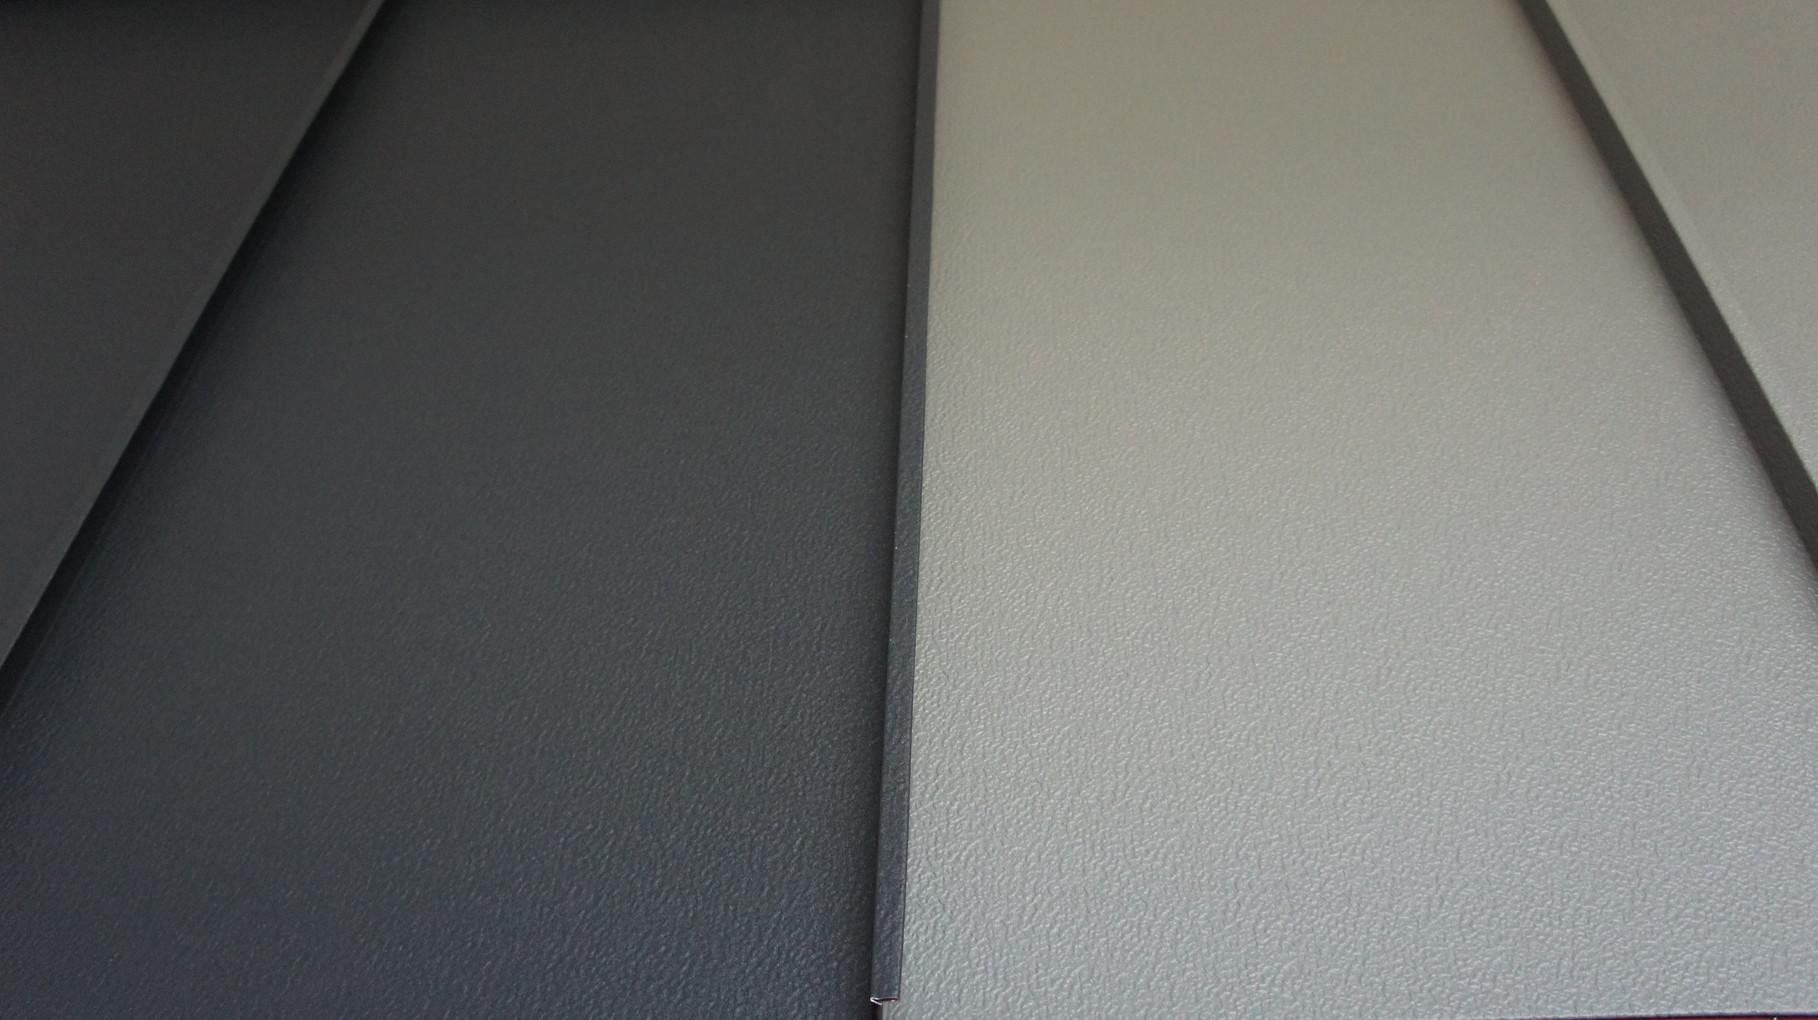 Stehfalzblechdach - anthrazit und hellgrau Oberfläche P.10